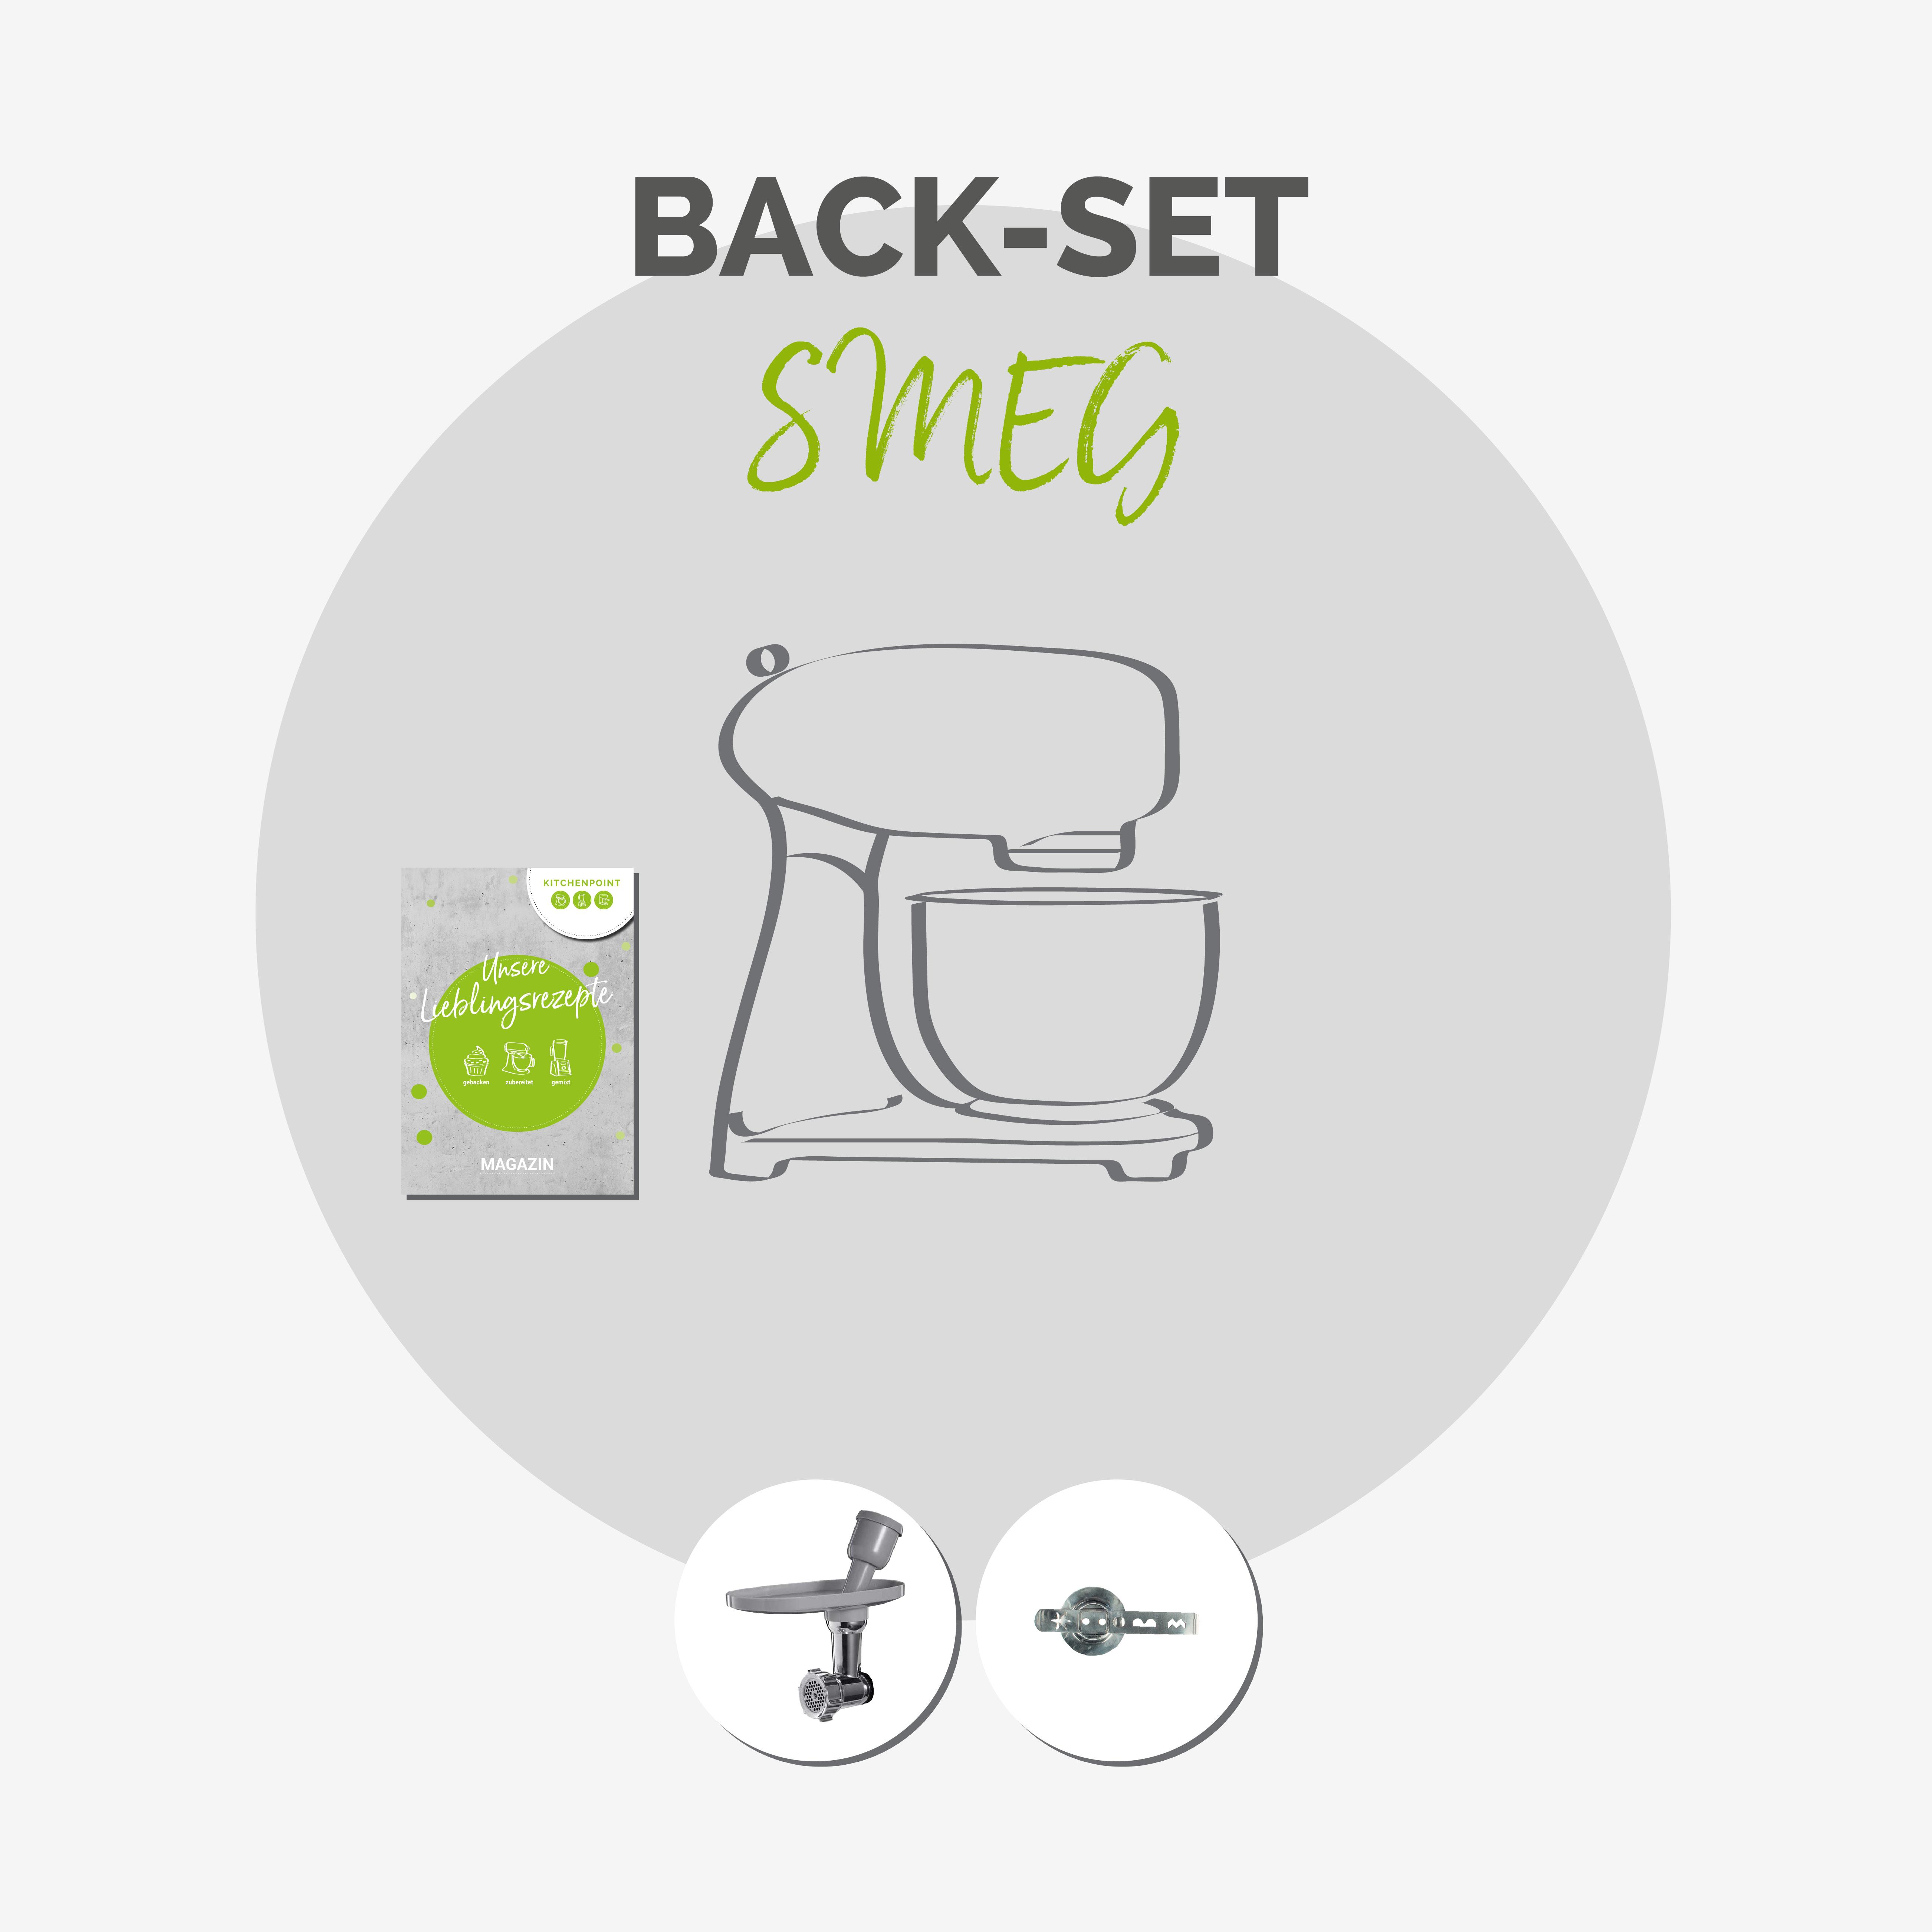 SMEG Küchenmaschine SMF03 Vollfarbe  Anthrazit-grau - Back Set